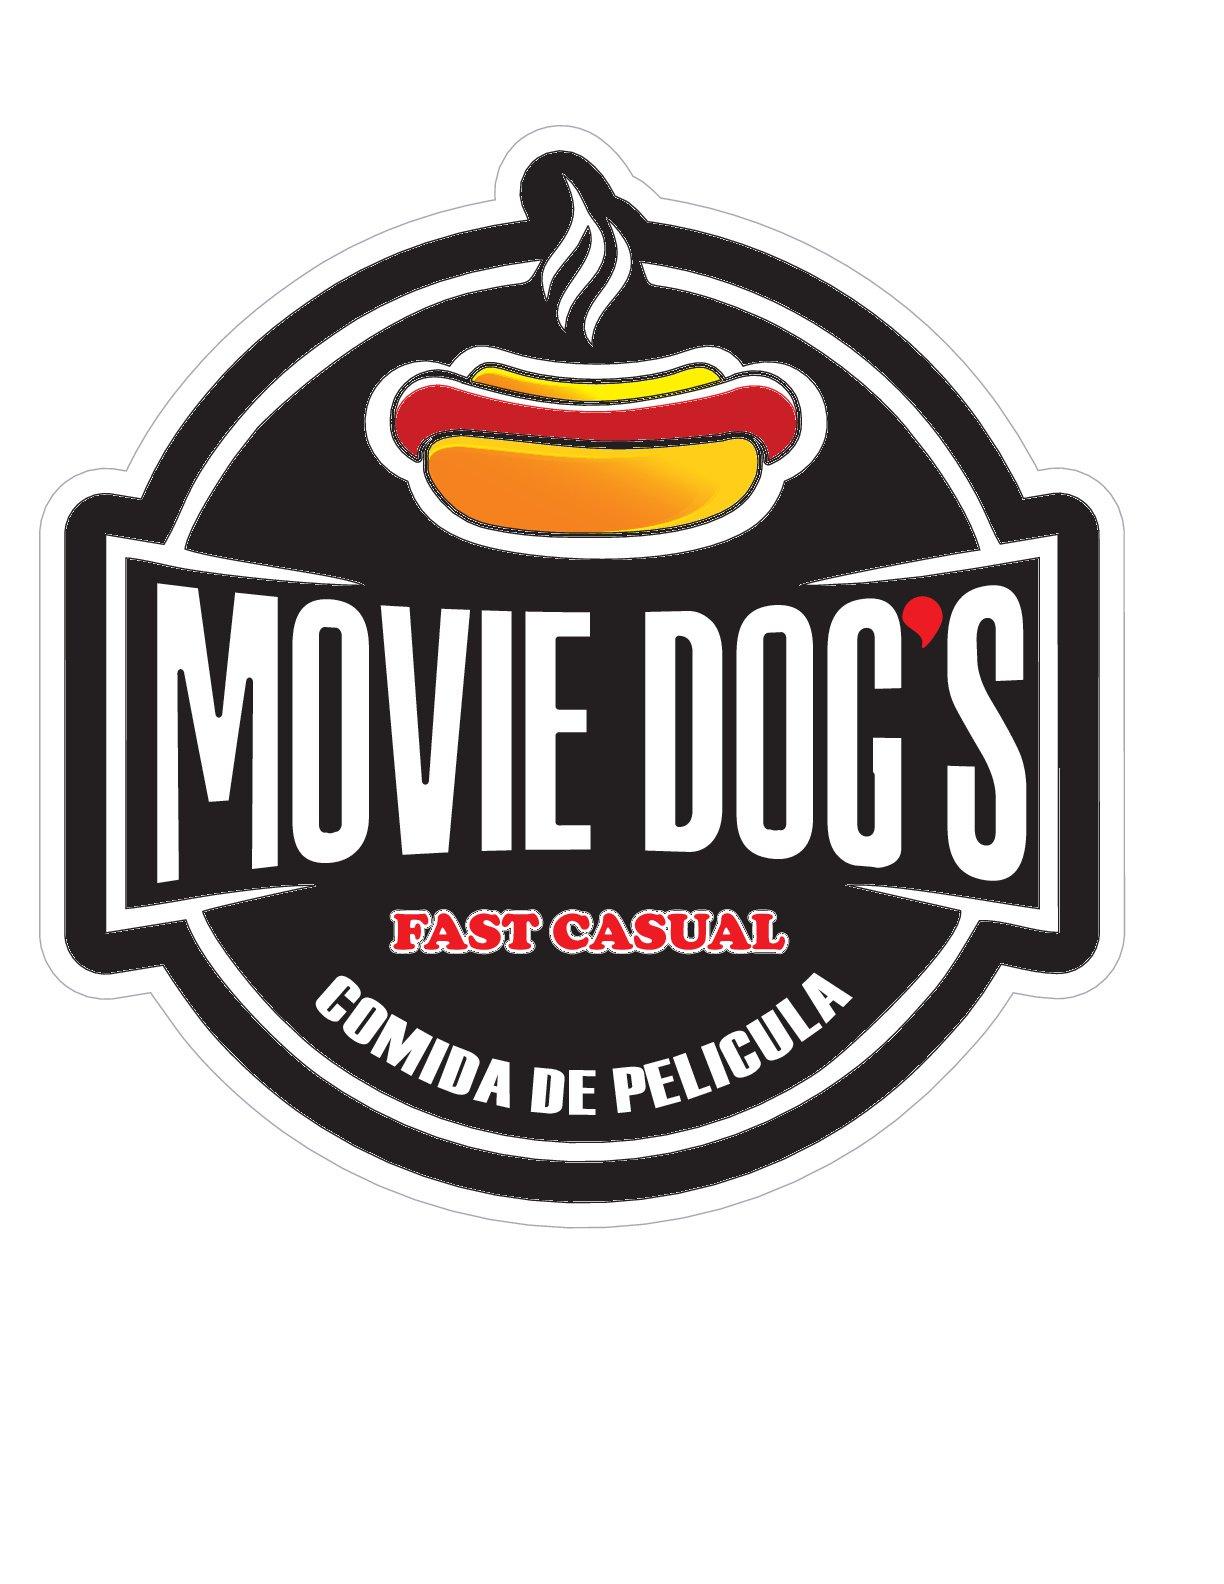 Movie Dogs